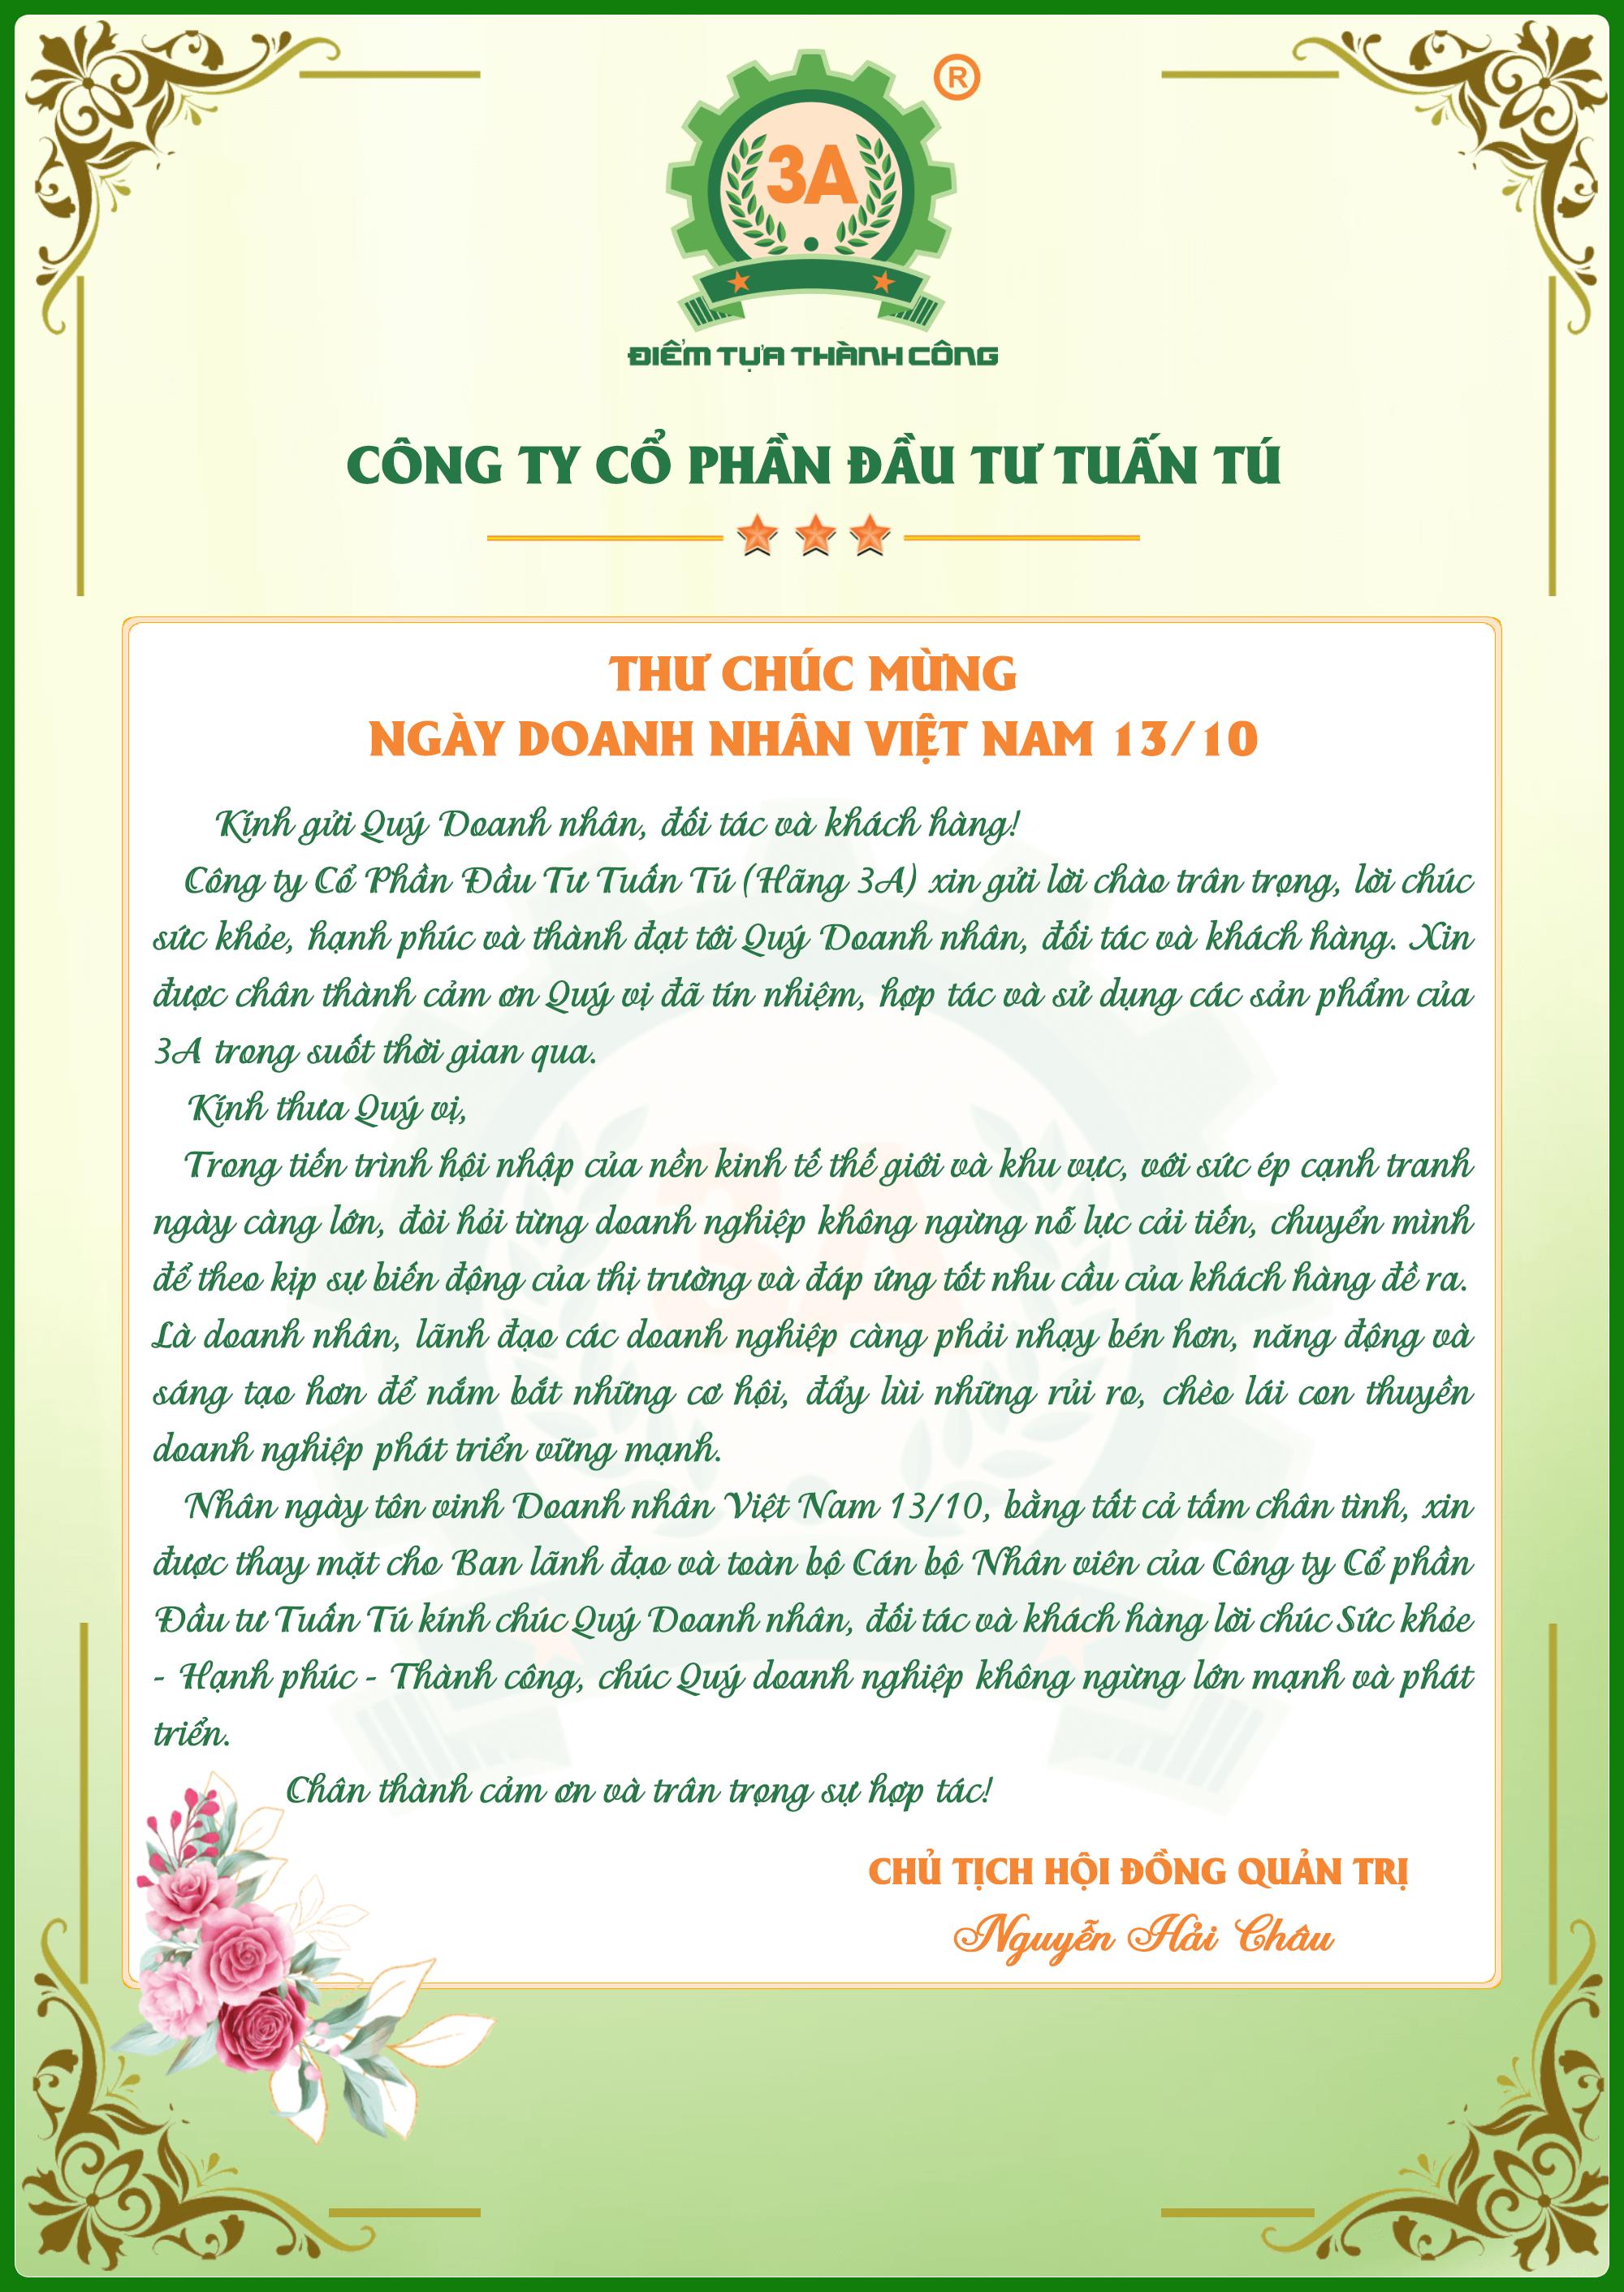 Thư chúc mừng ngày doanh nhân Việt Nam 13-10